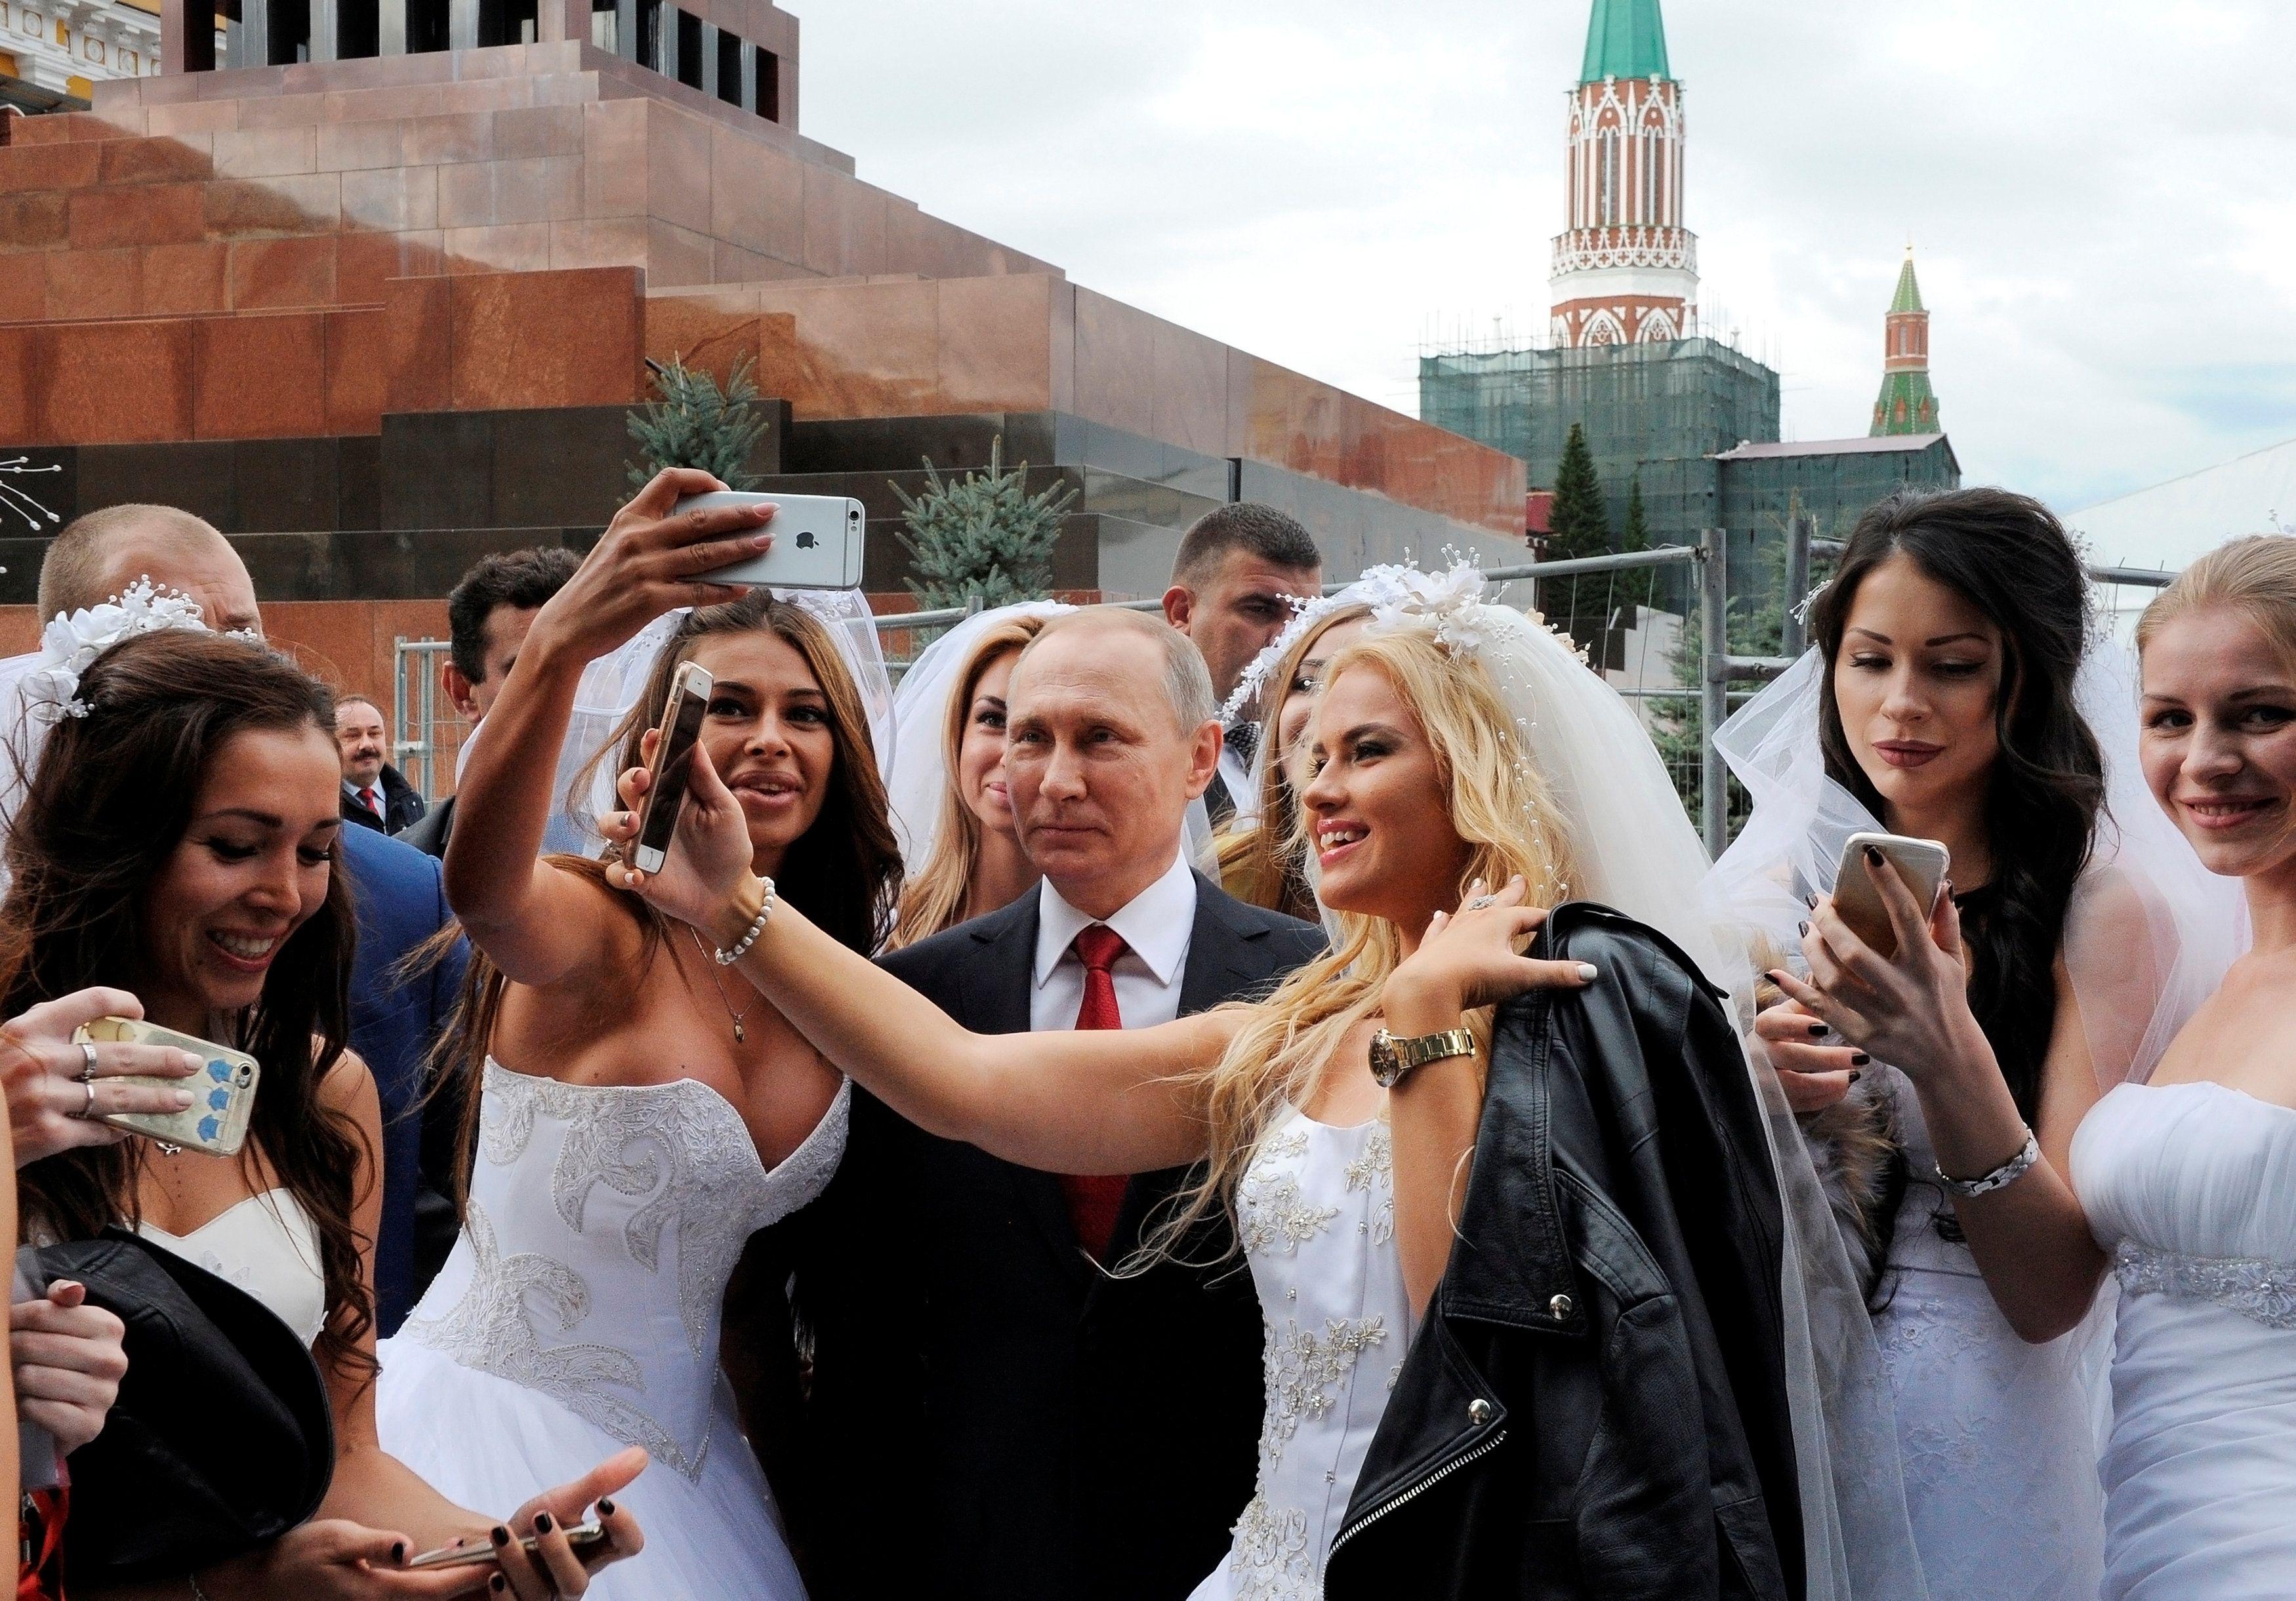 На Красной площади бегают 10 сталиных и 15 лениных, и все похожи на оригинал, - в Кремле не доверяют расследованиям о схожести Боширова и Чепиги - Цензор.НЕТ 8883